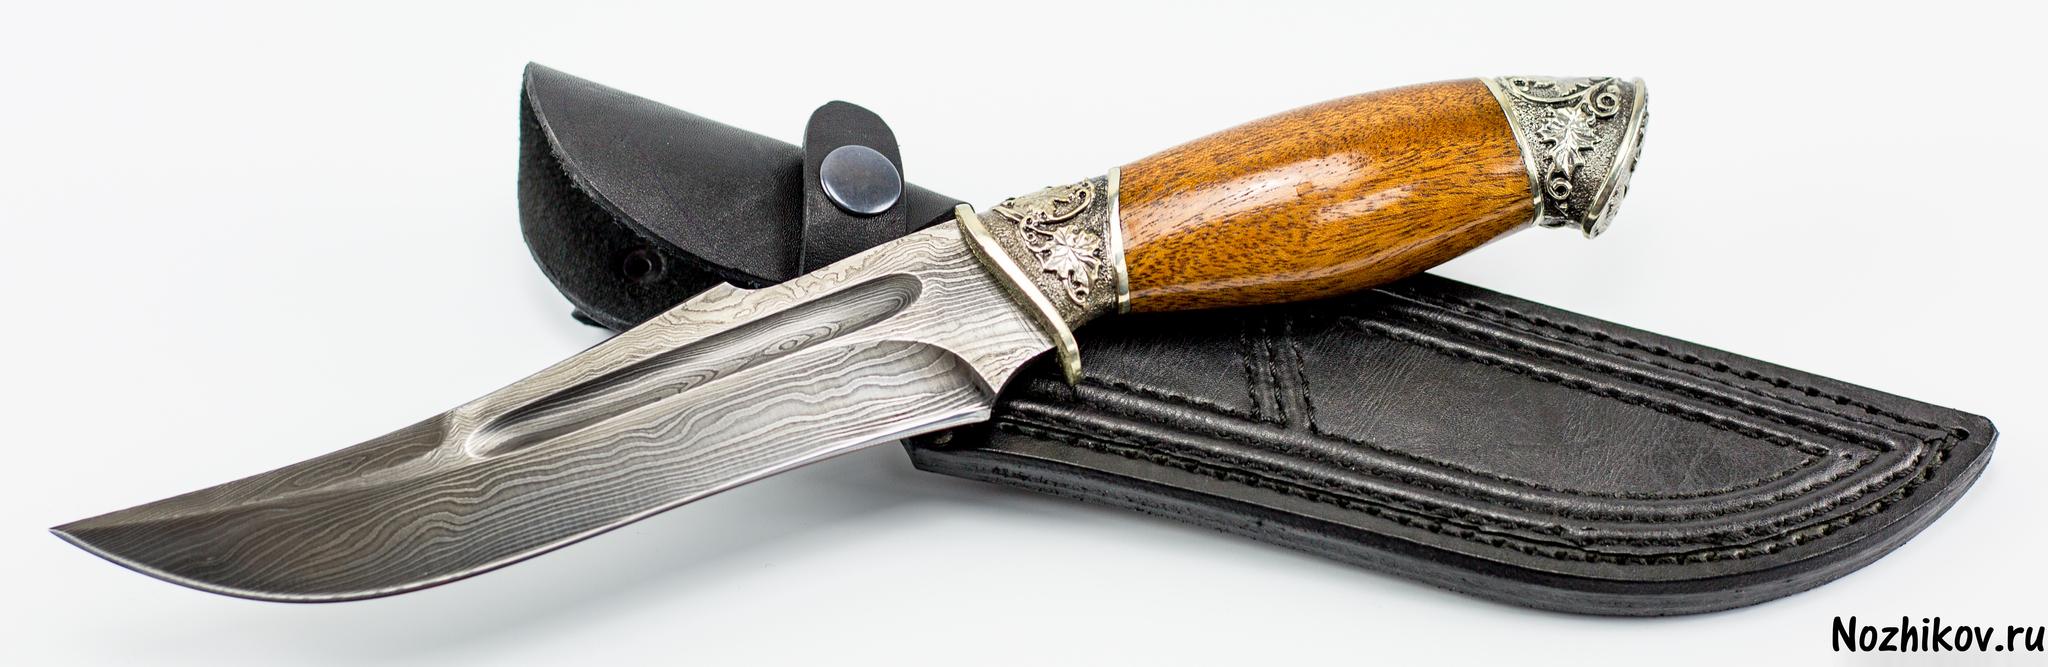 Фото 20 - Авторский Нож из Дамаска №14, Кизляр от Noname